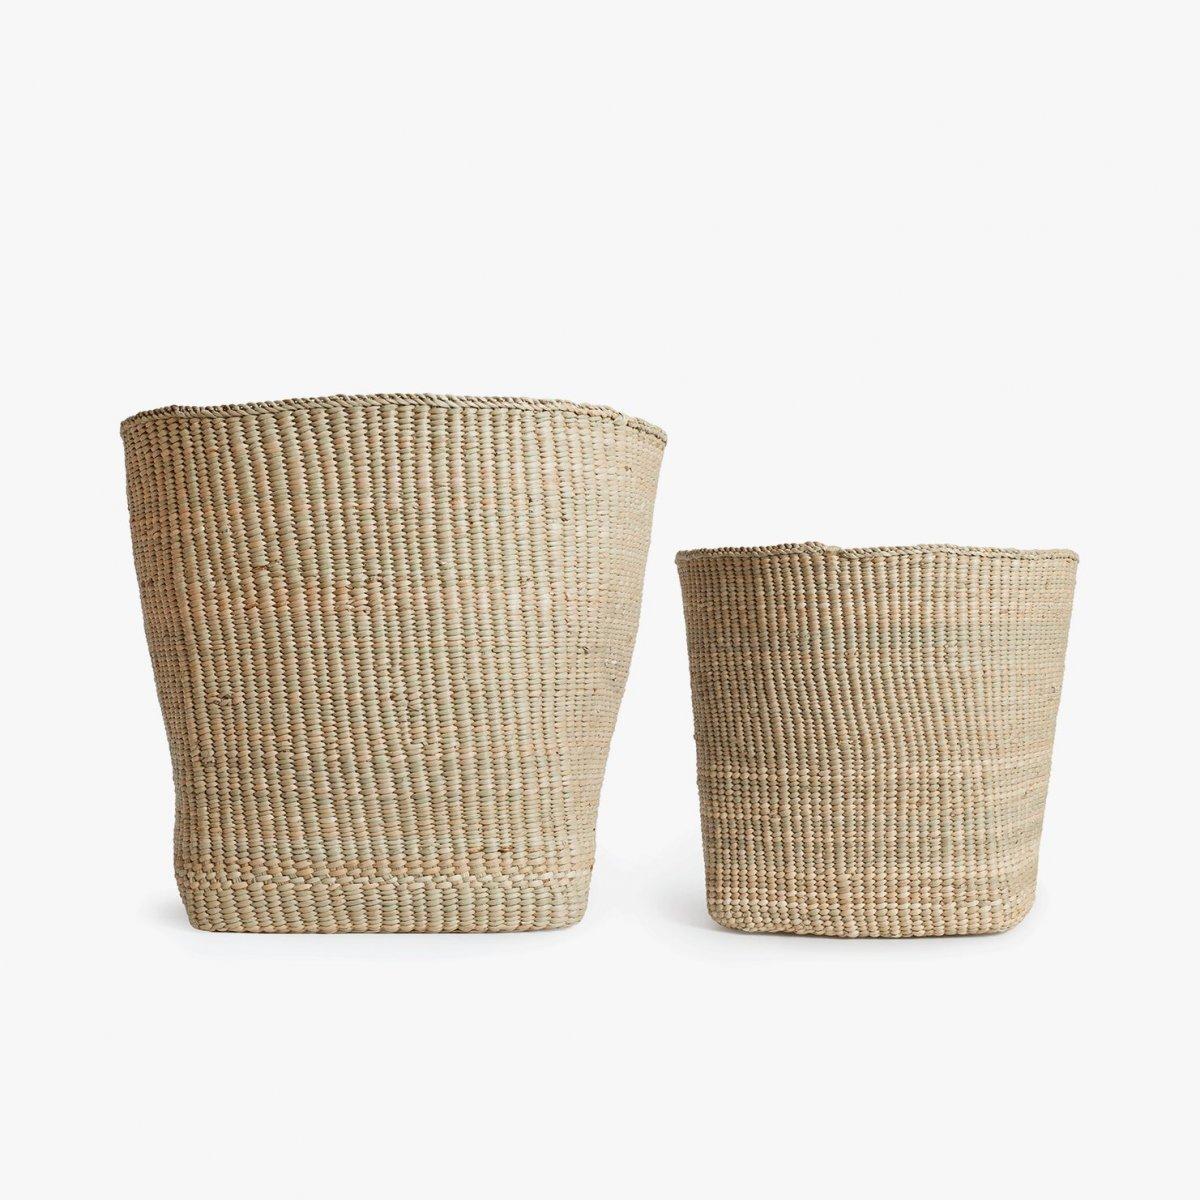 Woven Storage Baskets.